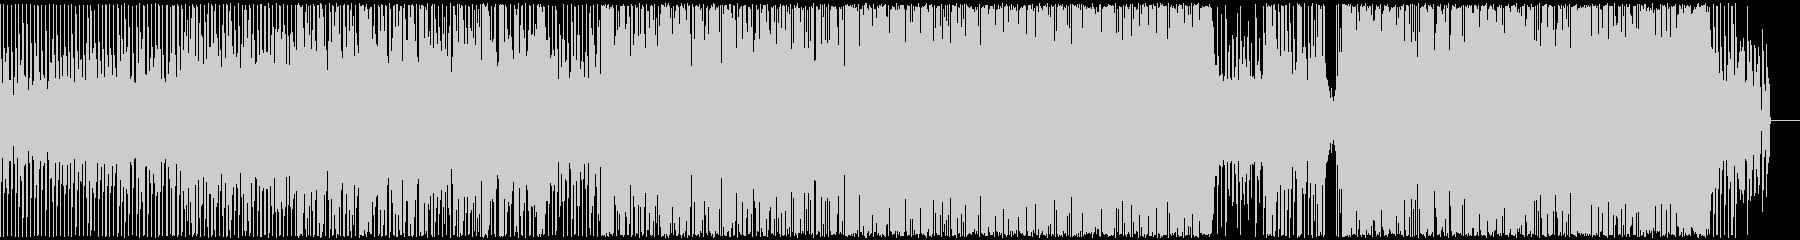 軽快なエレクトロポップの未再生の波形